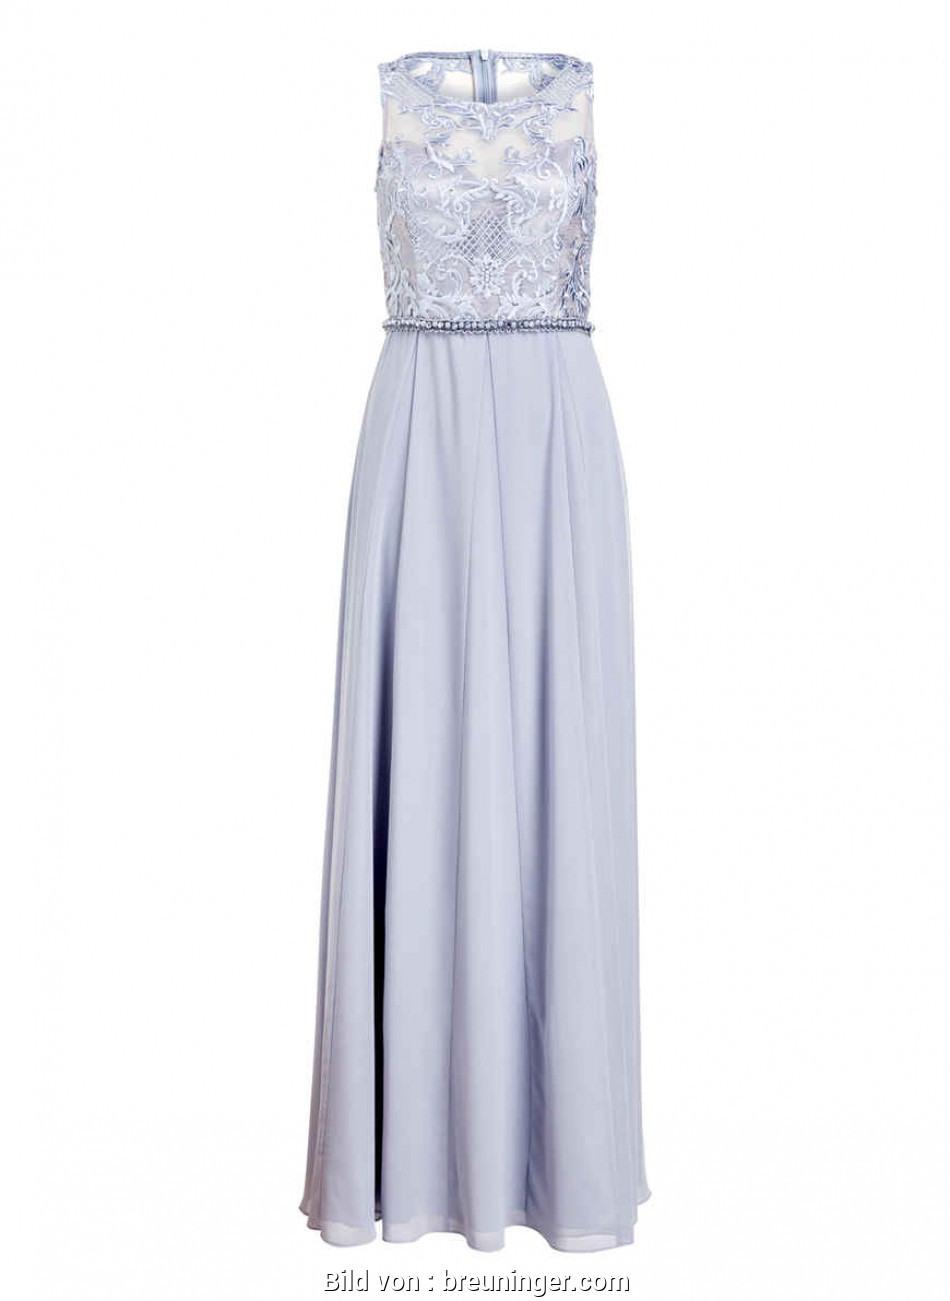 Luxus Abendkleid Breuninger BoutiqueAbend Einfach Abendkleid Breuninger Vertrieb